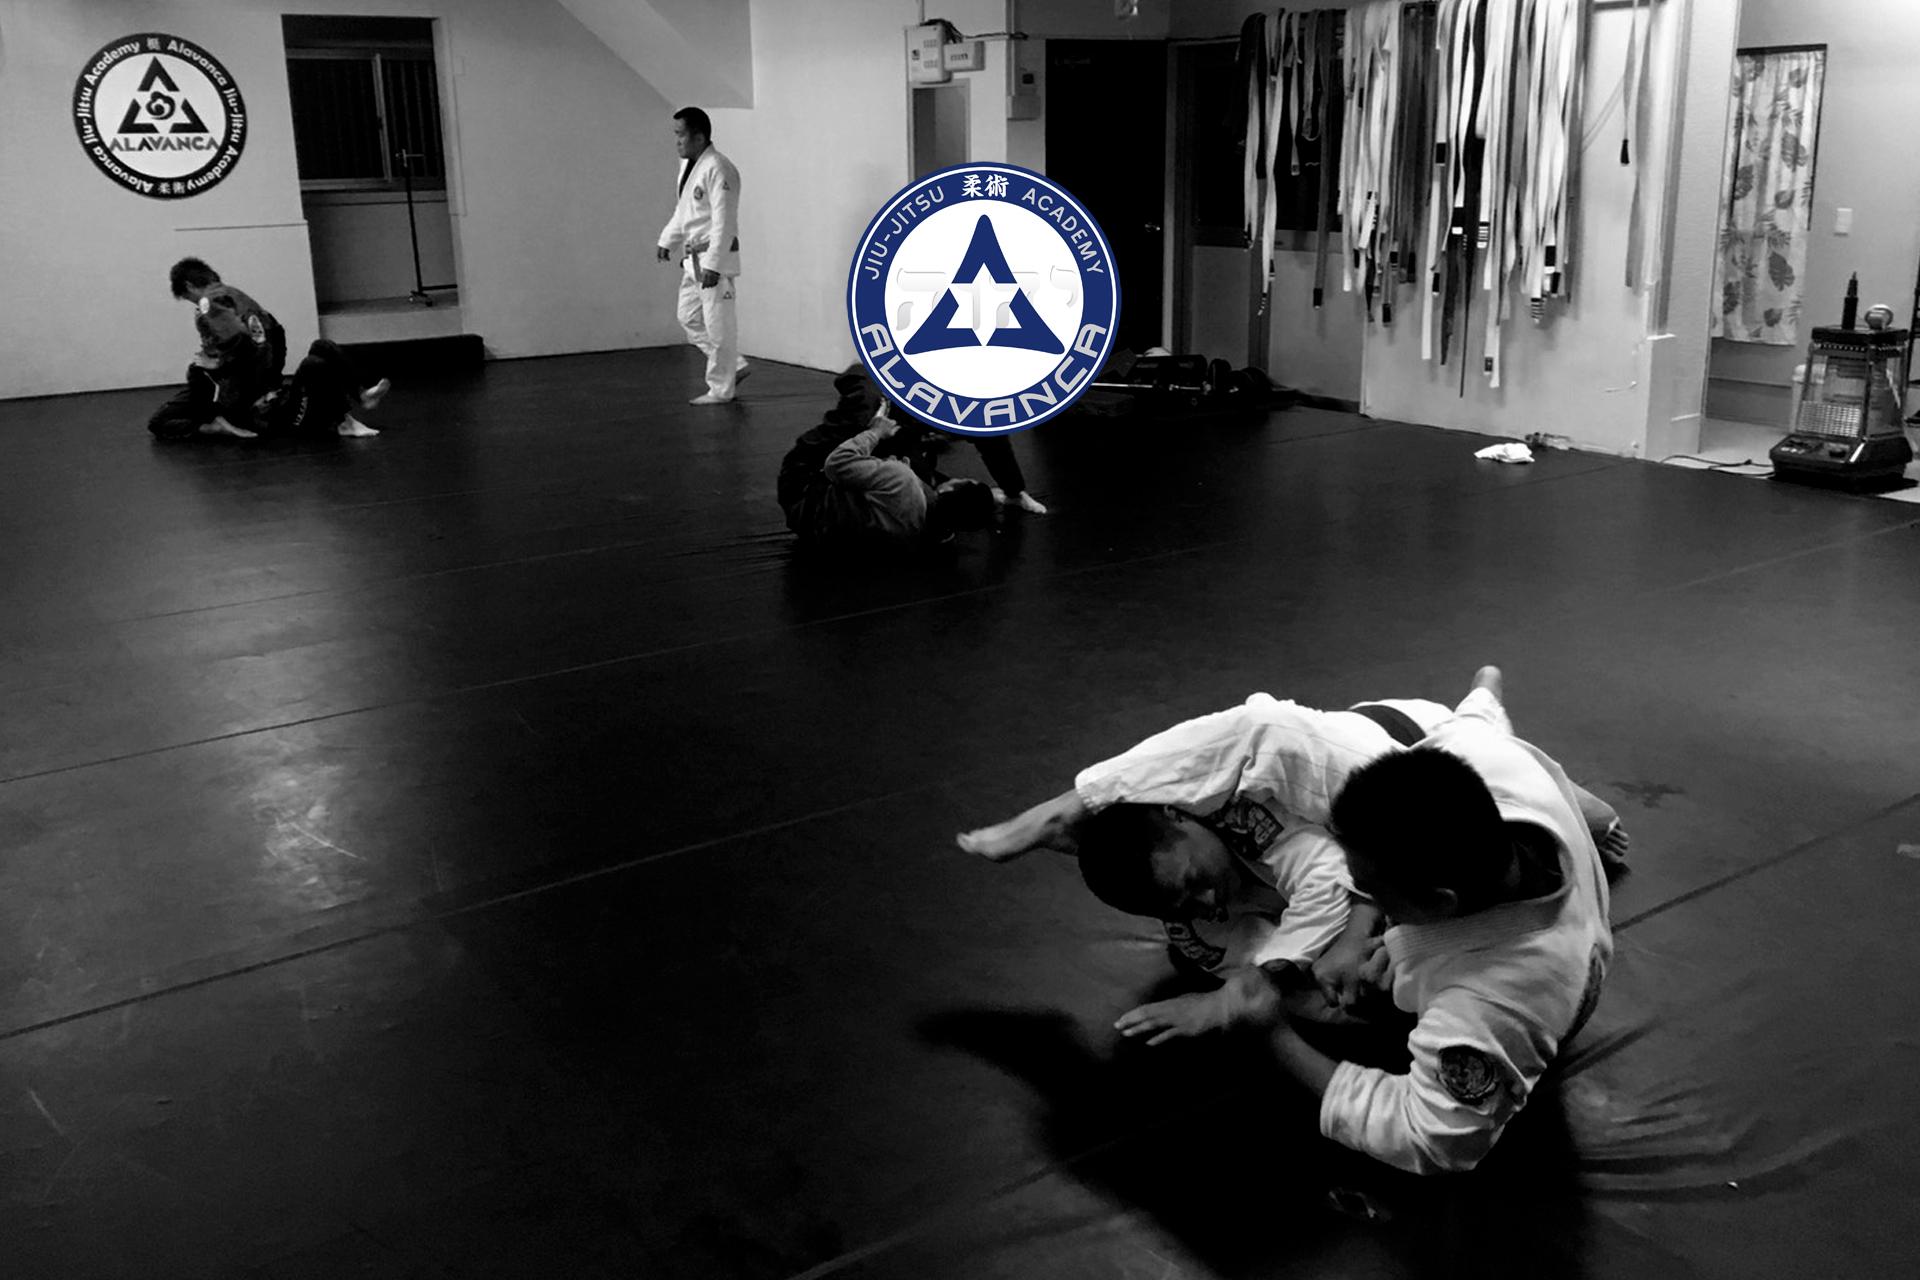 Alavanca Jiu-Jitsu Academy / アラバンカ 柔術アカデミー